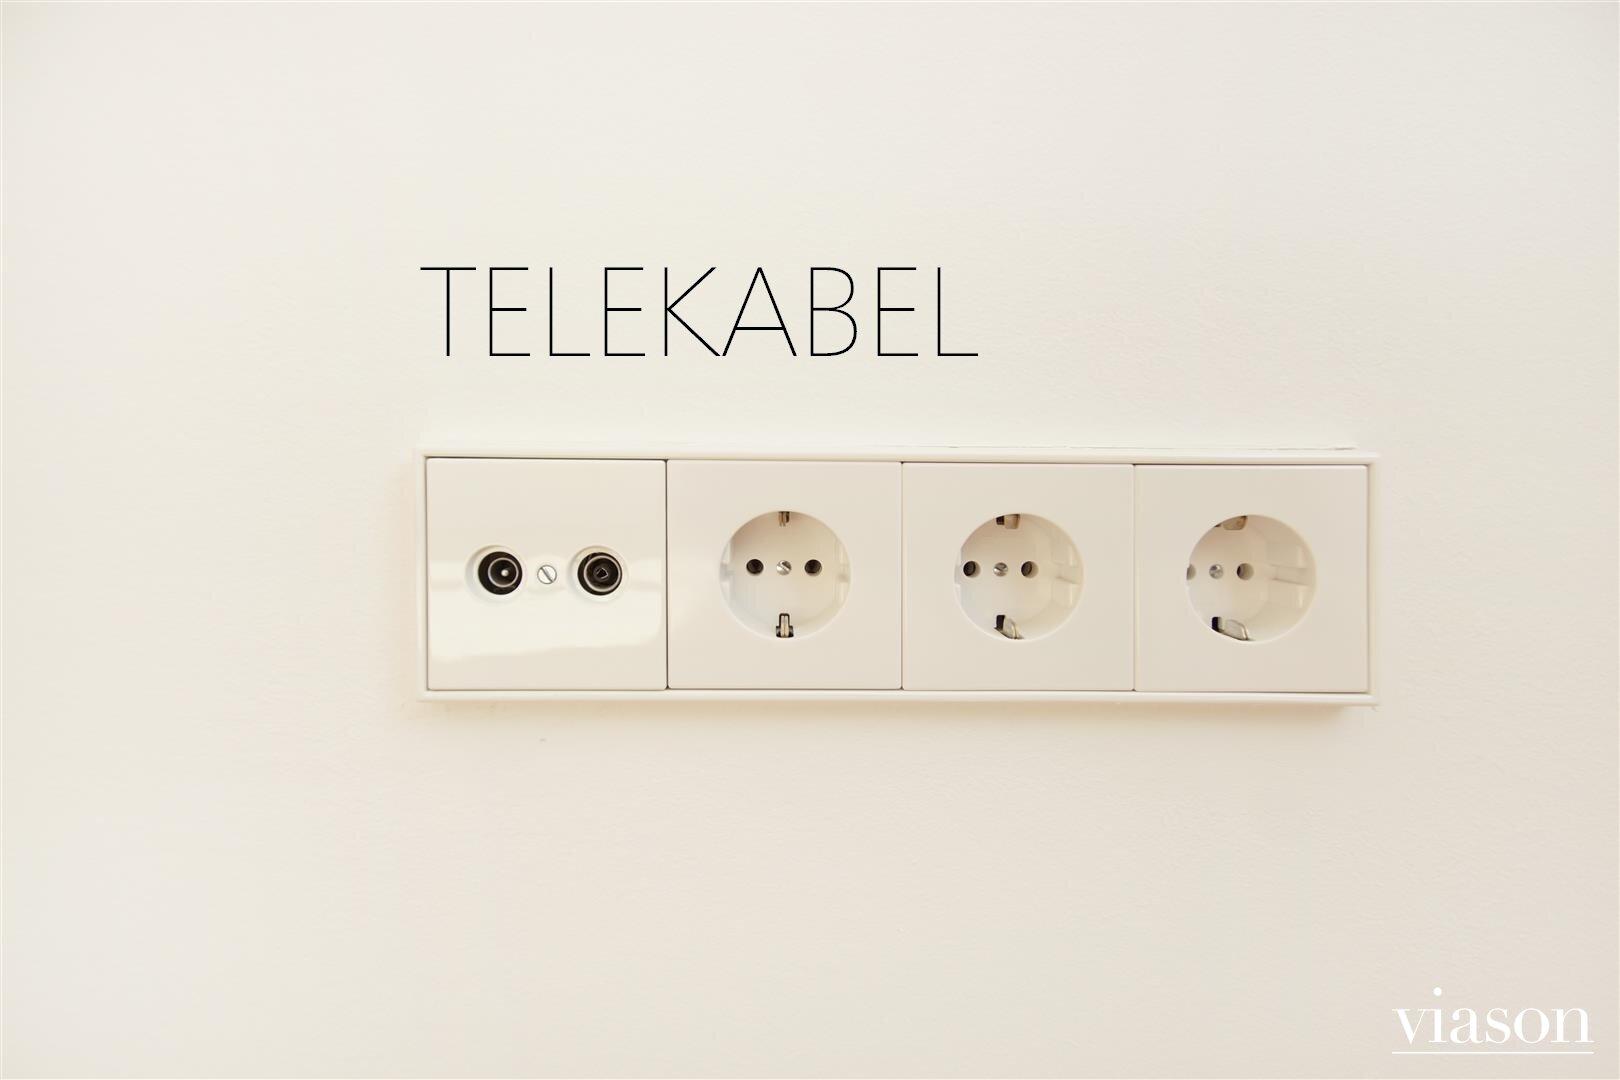 Telekabelanschluss